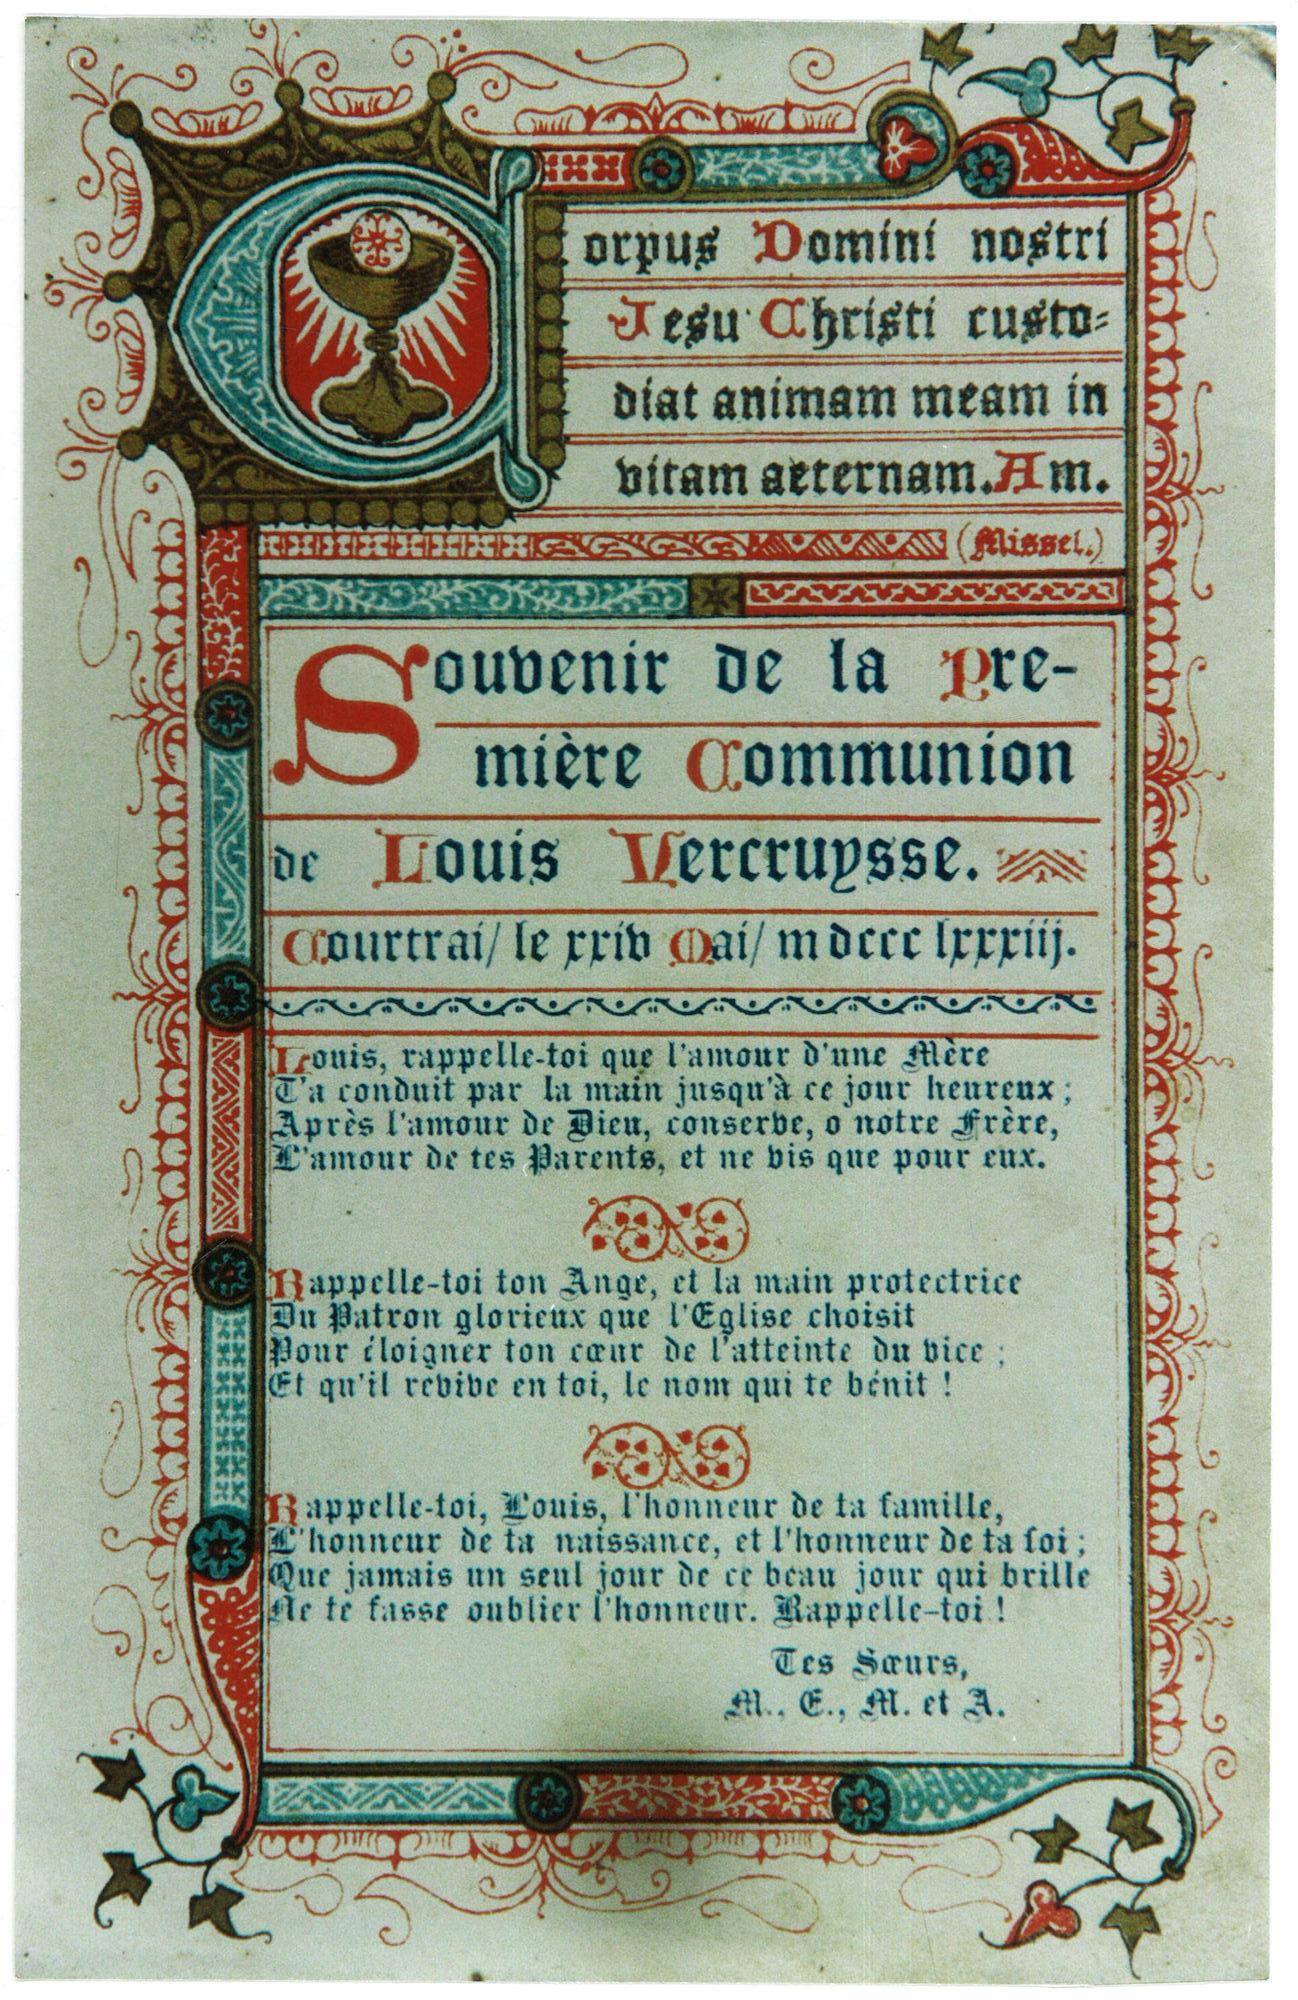 Eerste communie van Louis Vercruysse 1883